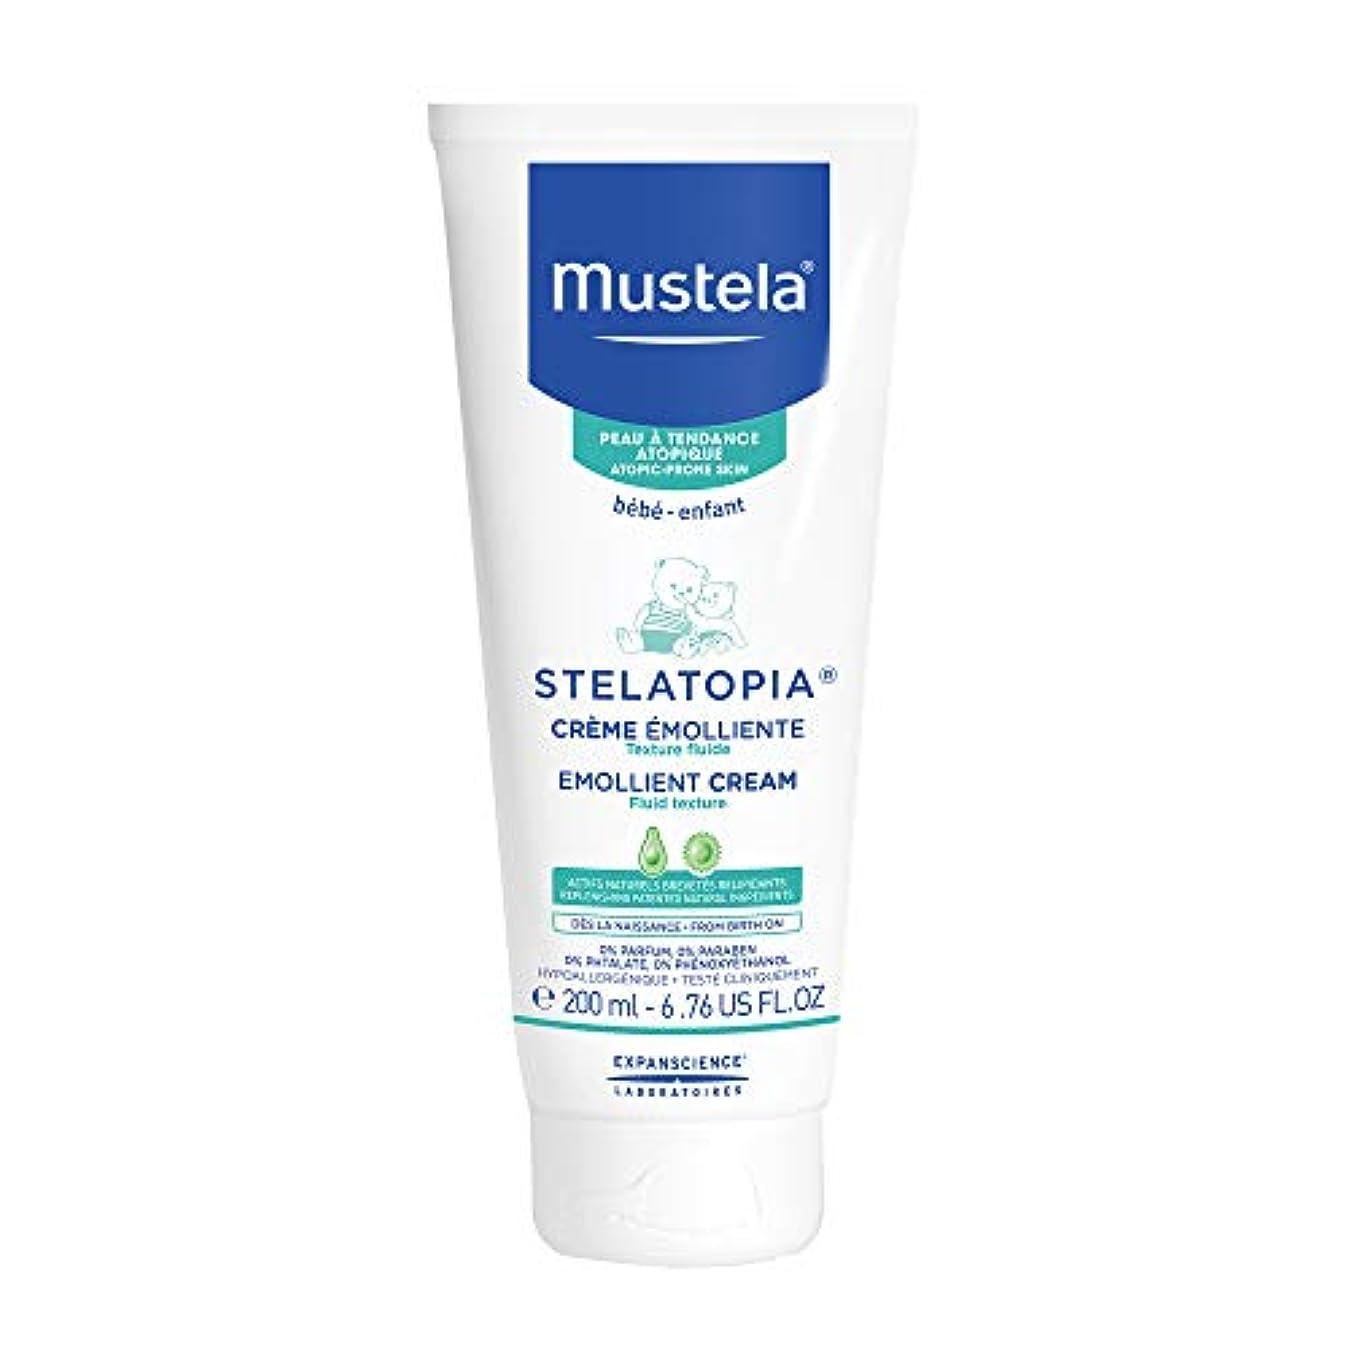 ニコチン炭水化物オートメーションMustela - Stelatopia Emollient Cream (6.76 oz.)